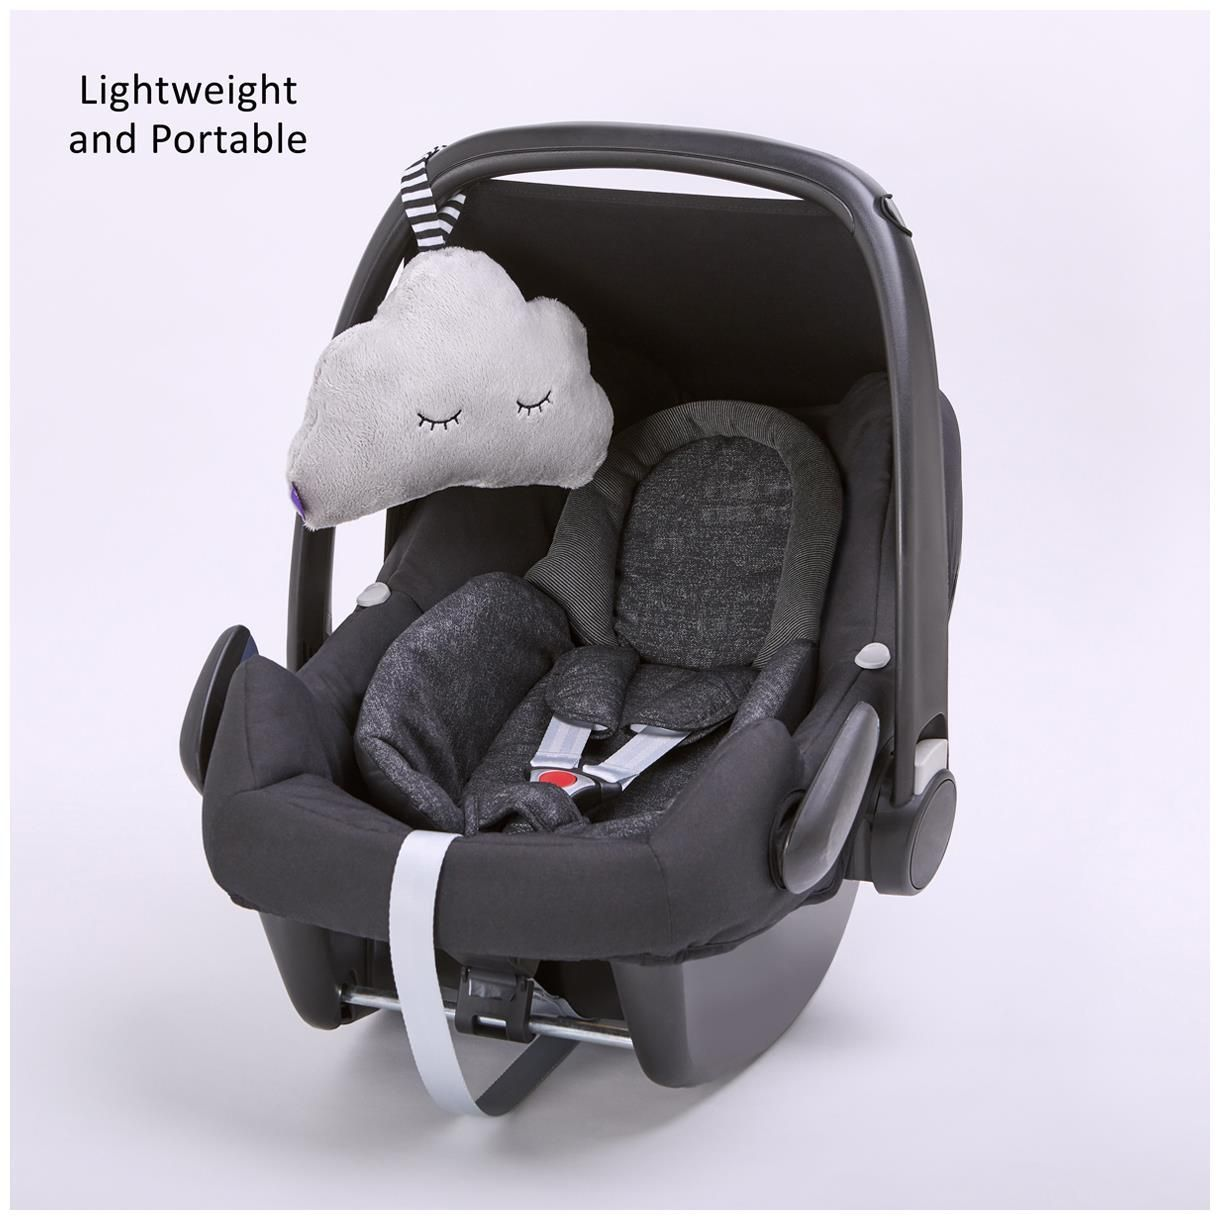 SnuzCloud Baby Sleep Aid Grey in 2020 | Baby sleeping bag